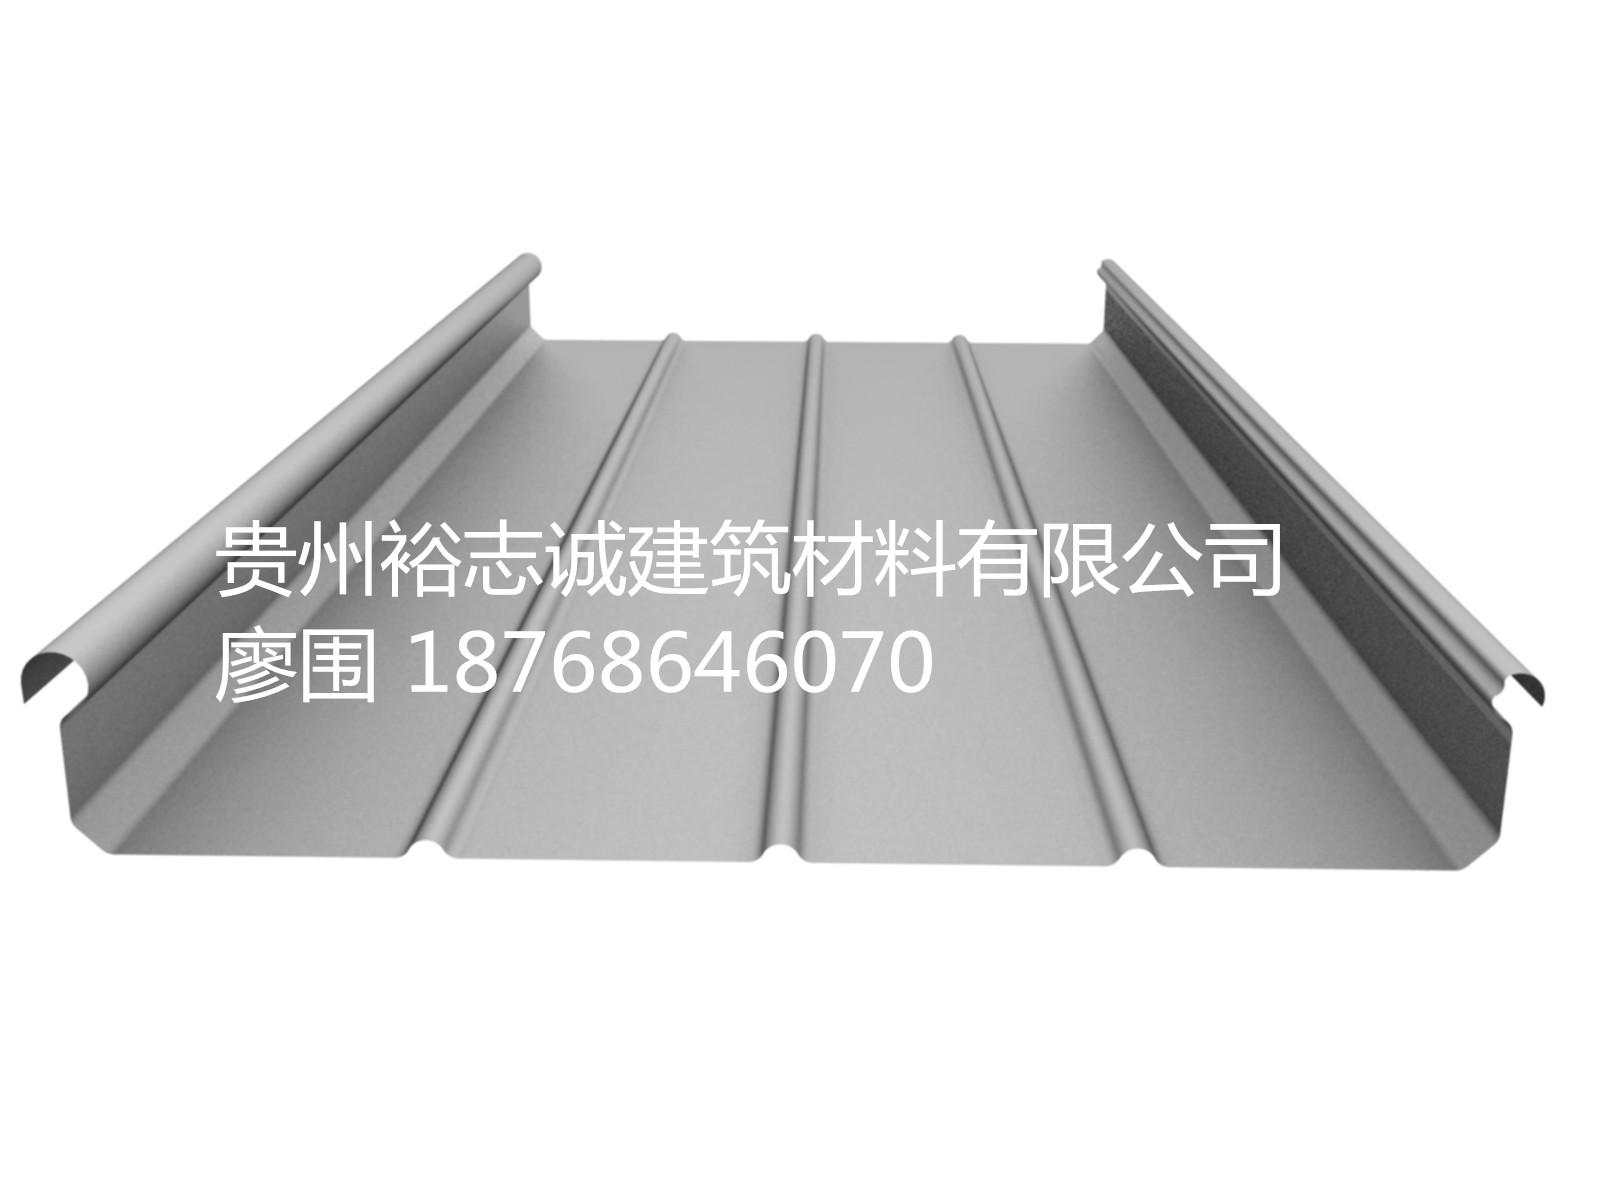 贵州铝镁锰板系列产品65-430